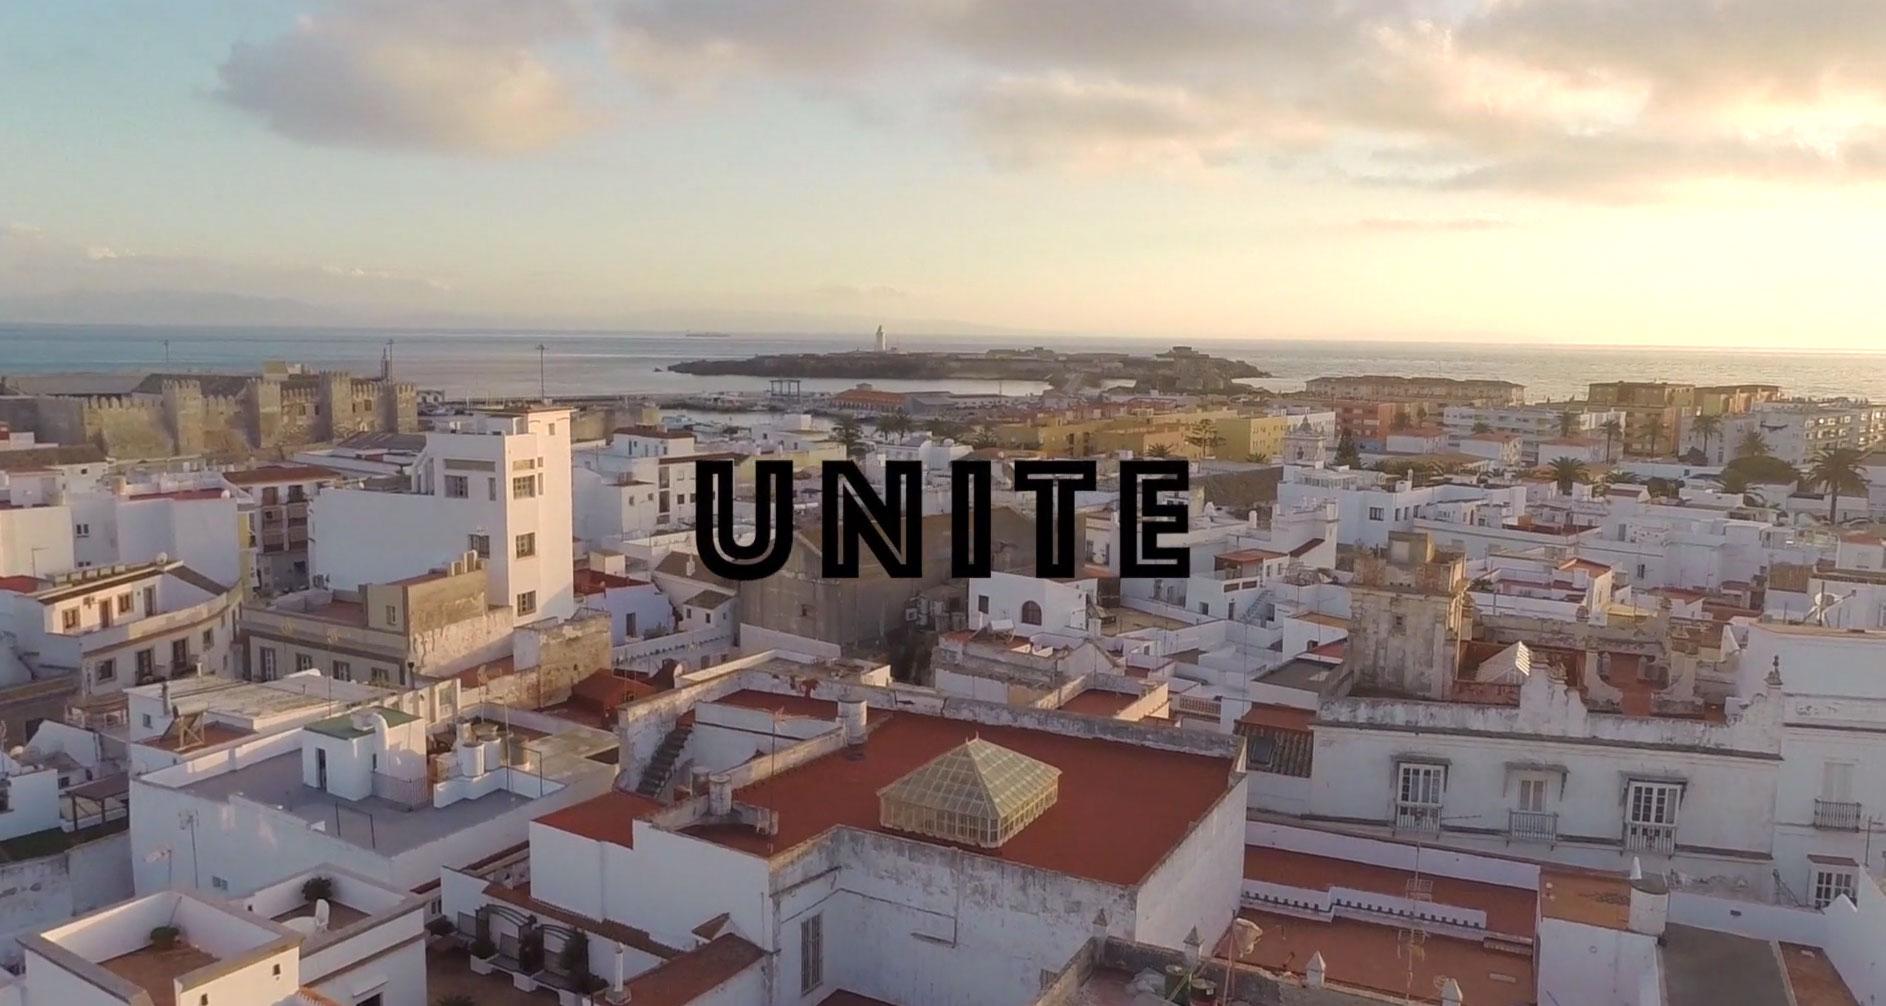 Unite Trailer